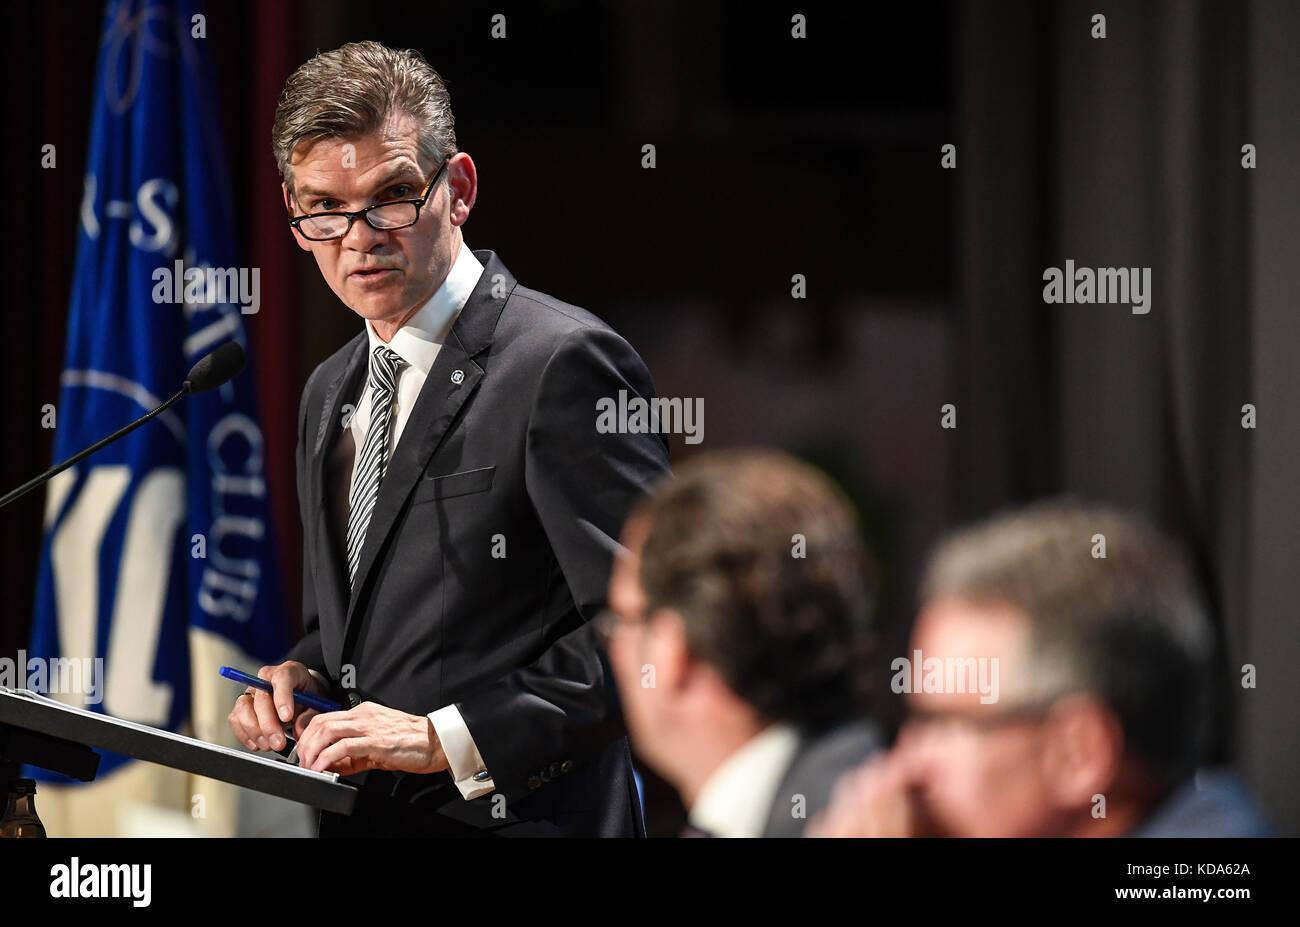 Karlsruhe Nereut, Deutschland. 12th Oct, 2017. Am Mikrofon: KSC-Praesident Ingo Wellenreuther spricht zu den Mitgliedern. - Stock Image